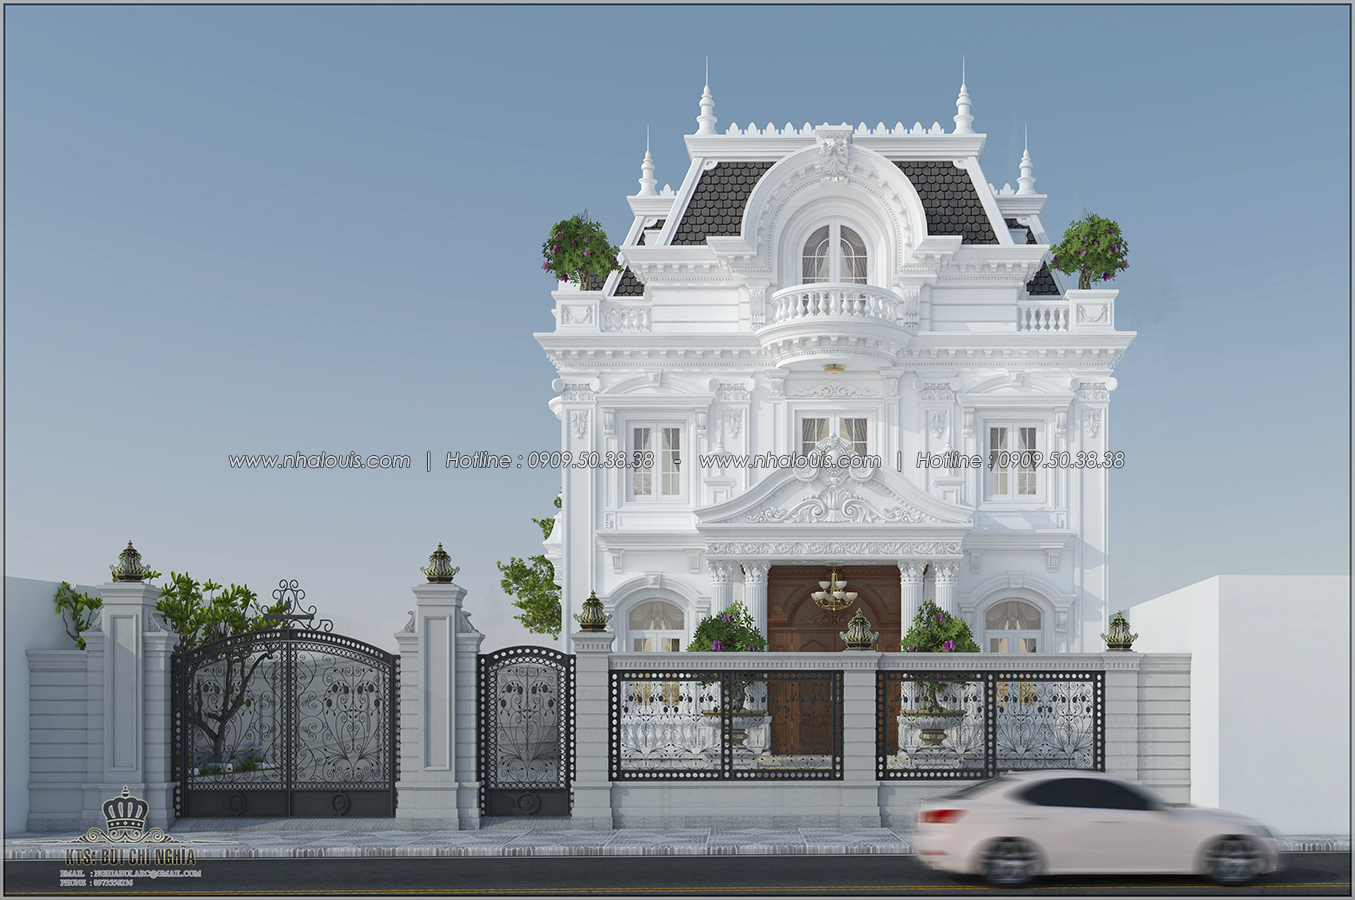 Thiết kế biệt thự cổ điển tại Sóc Trăng phong cách Châu Âu đẹp lộng lẫy